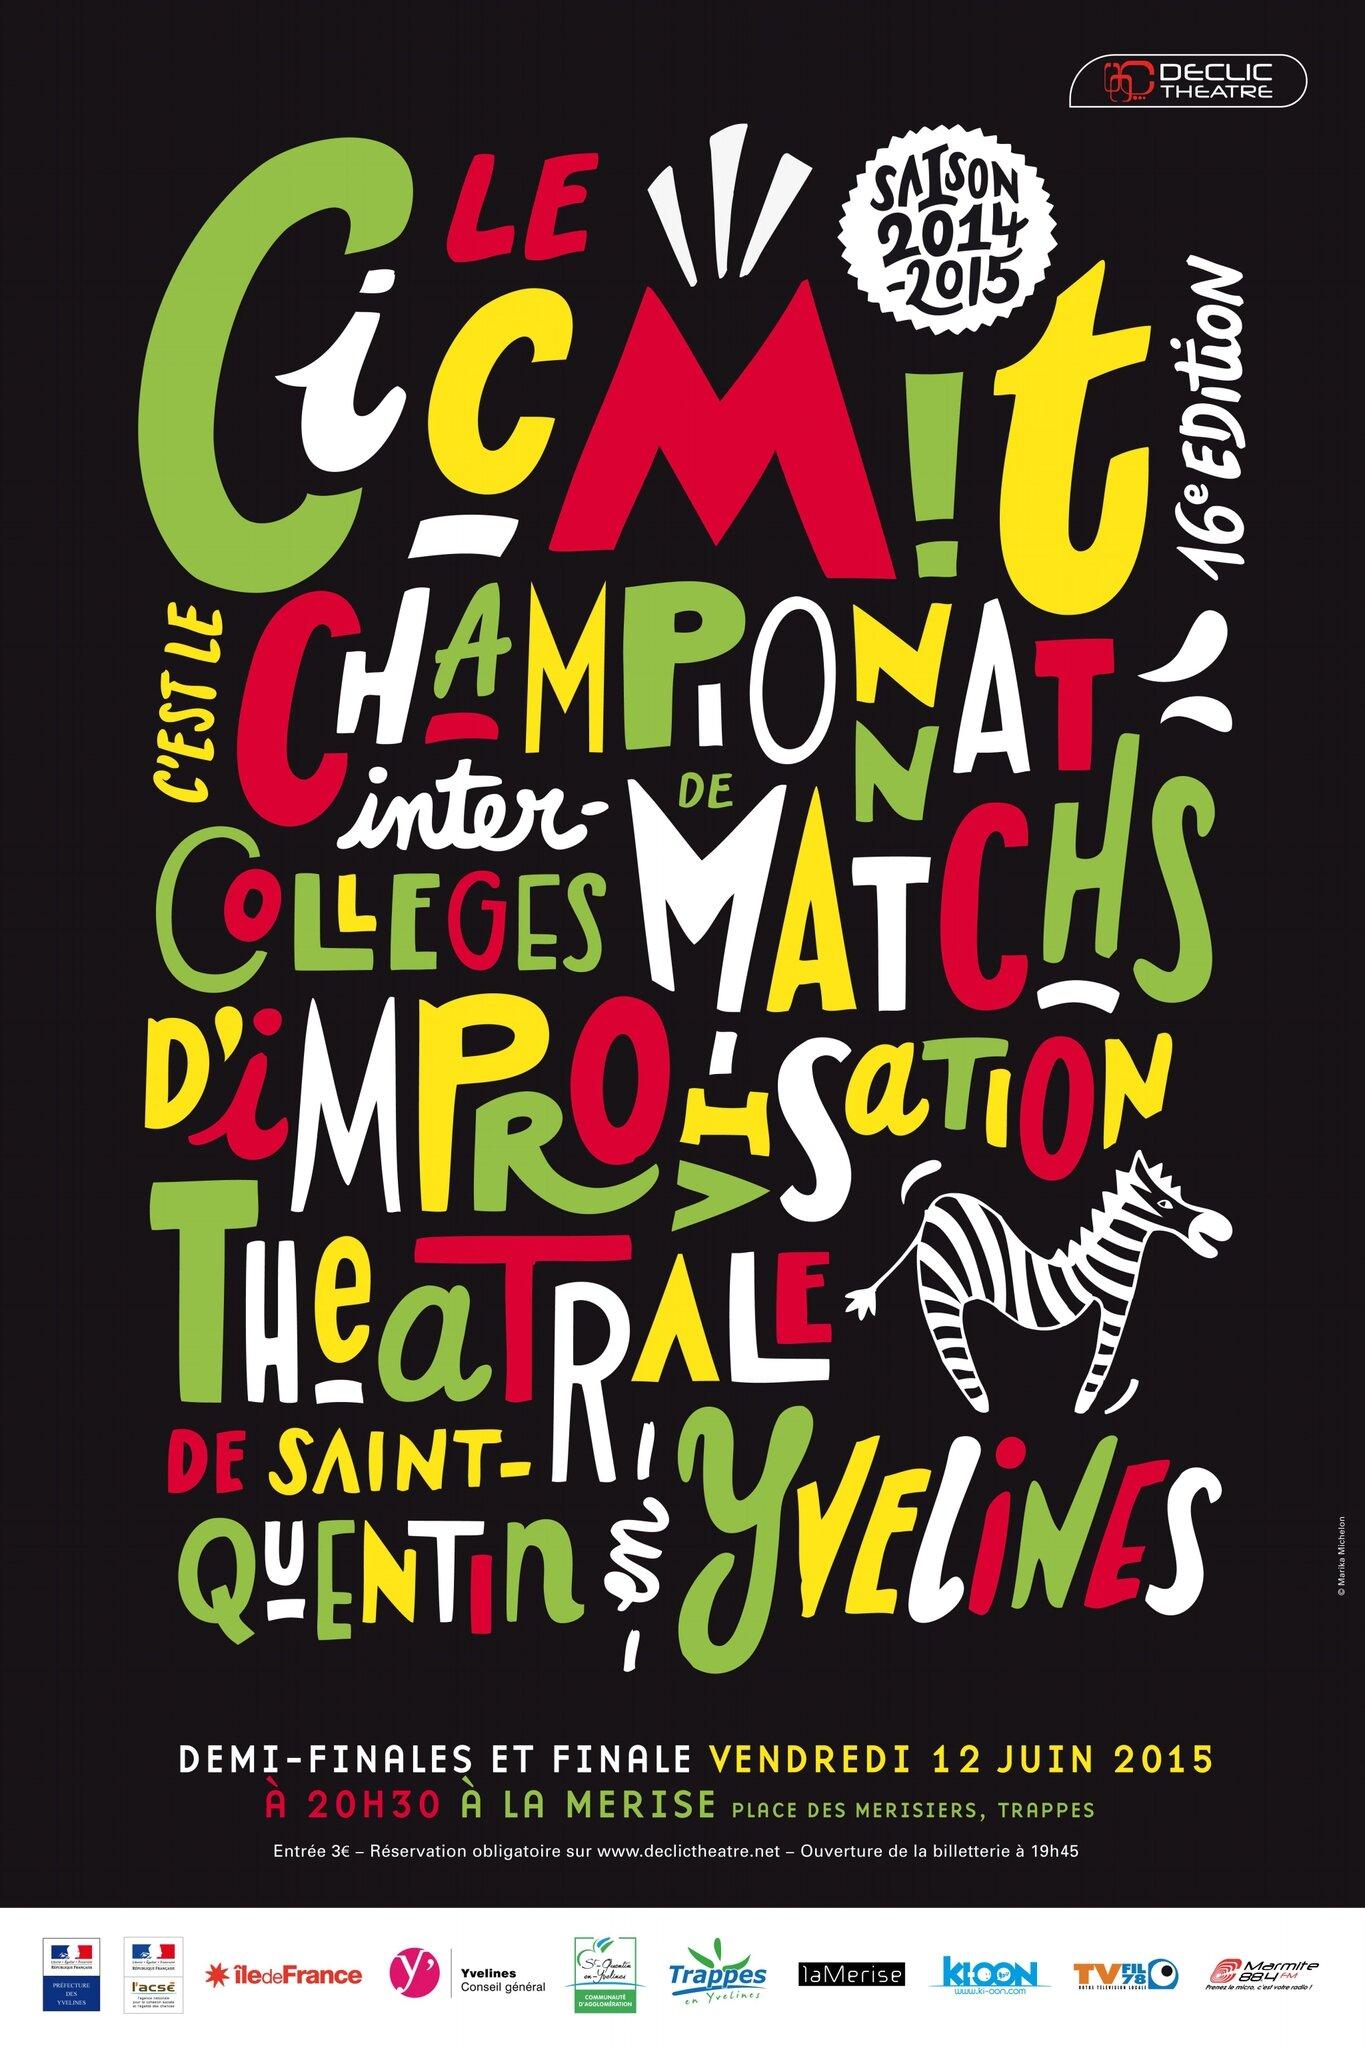 declic-theatre-cicmit-16-la-merise-12-06-15 light